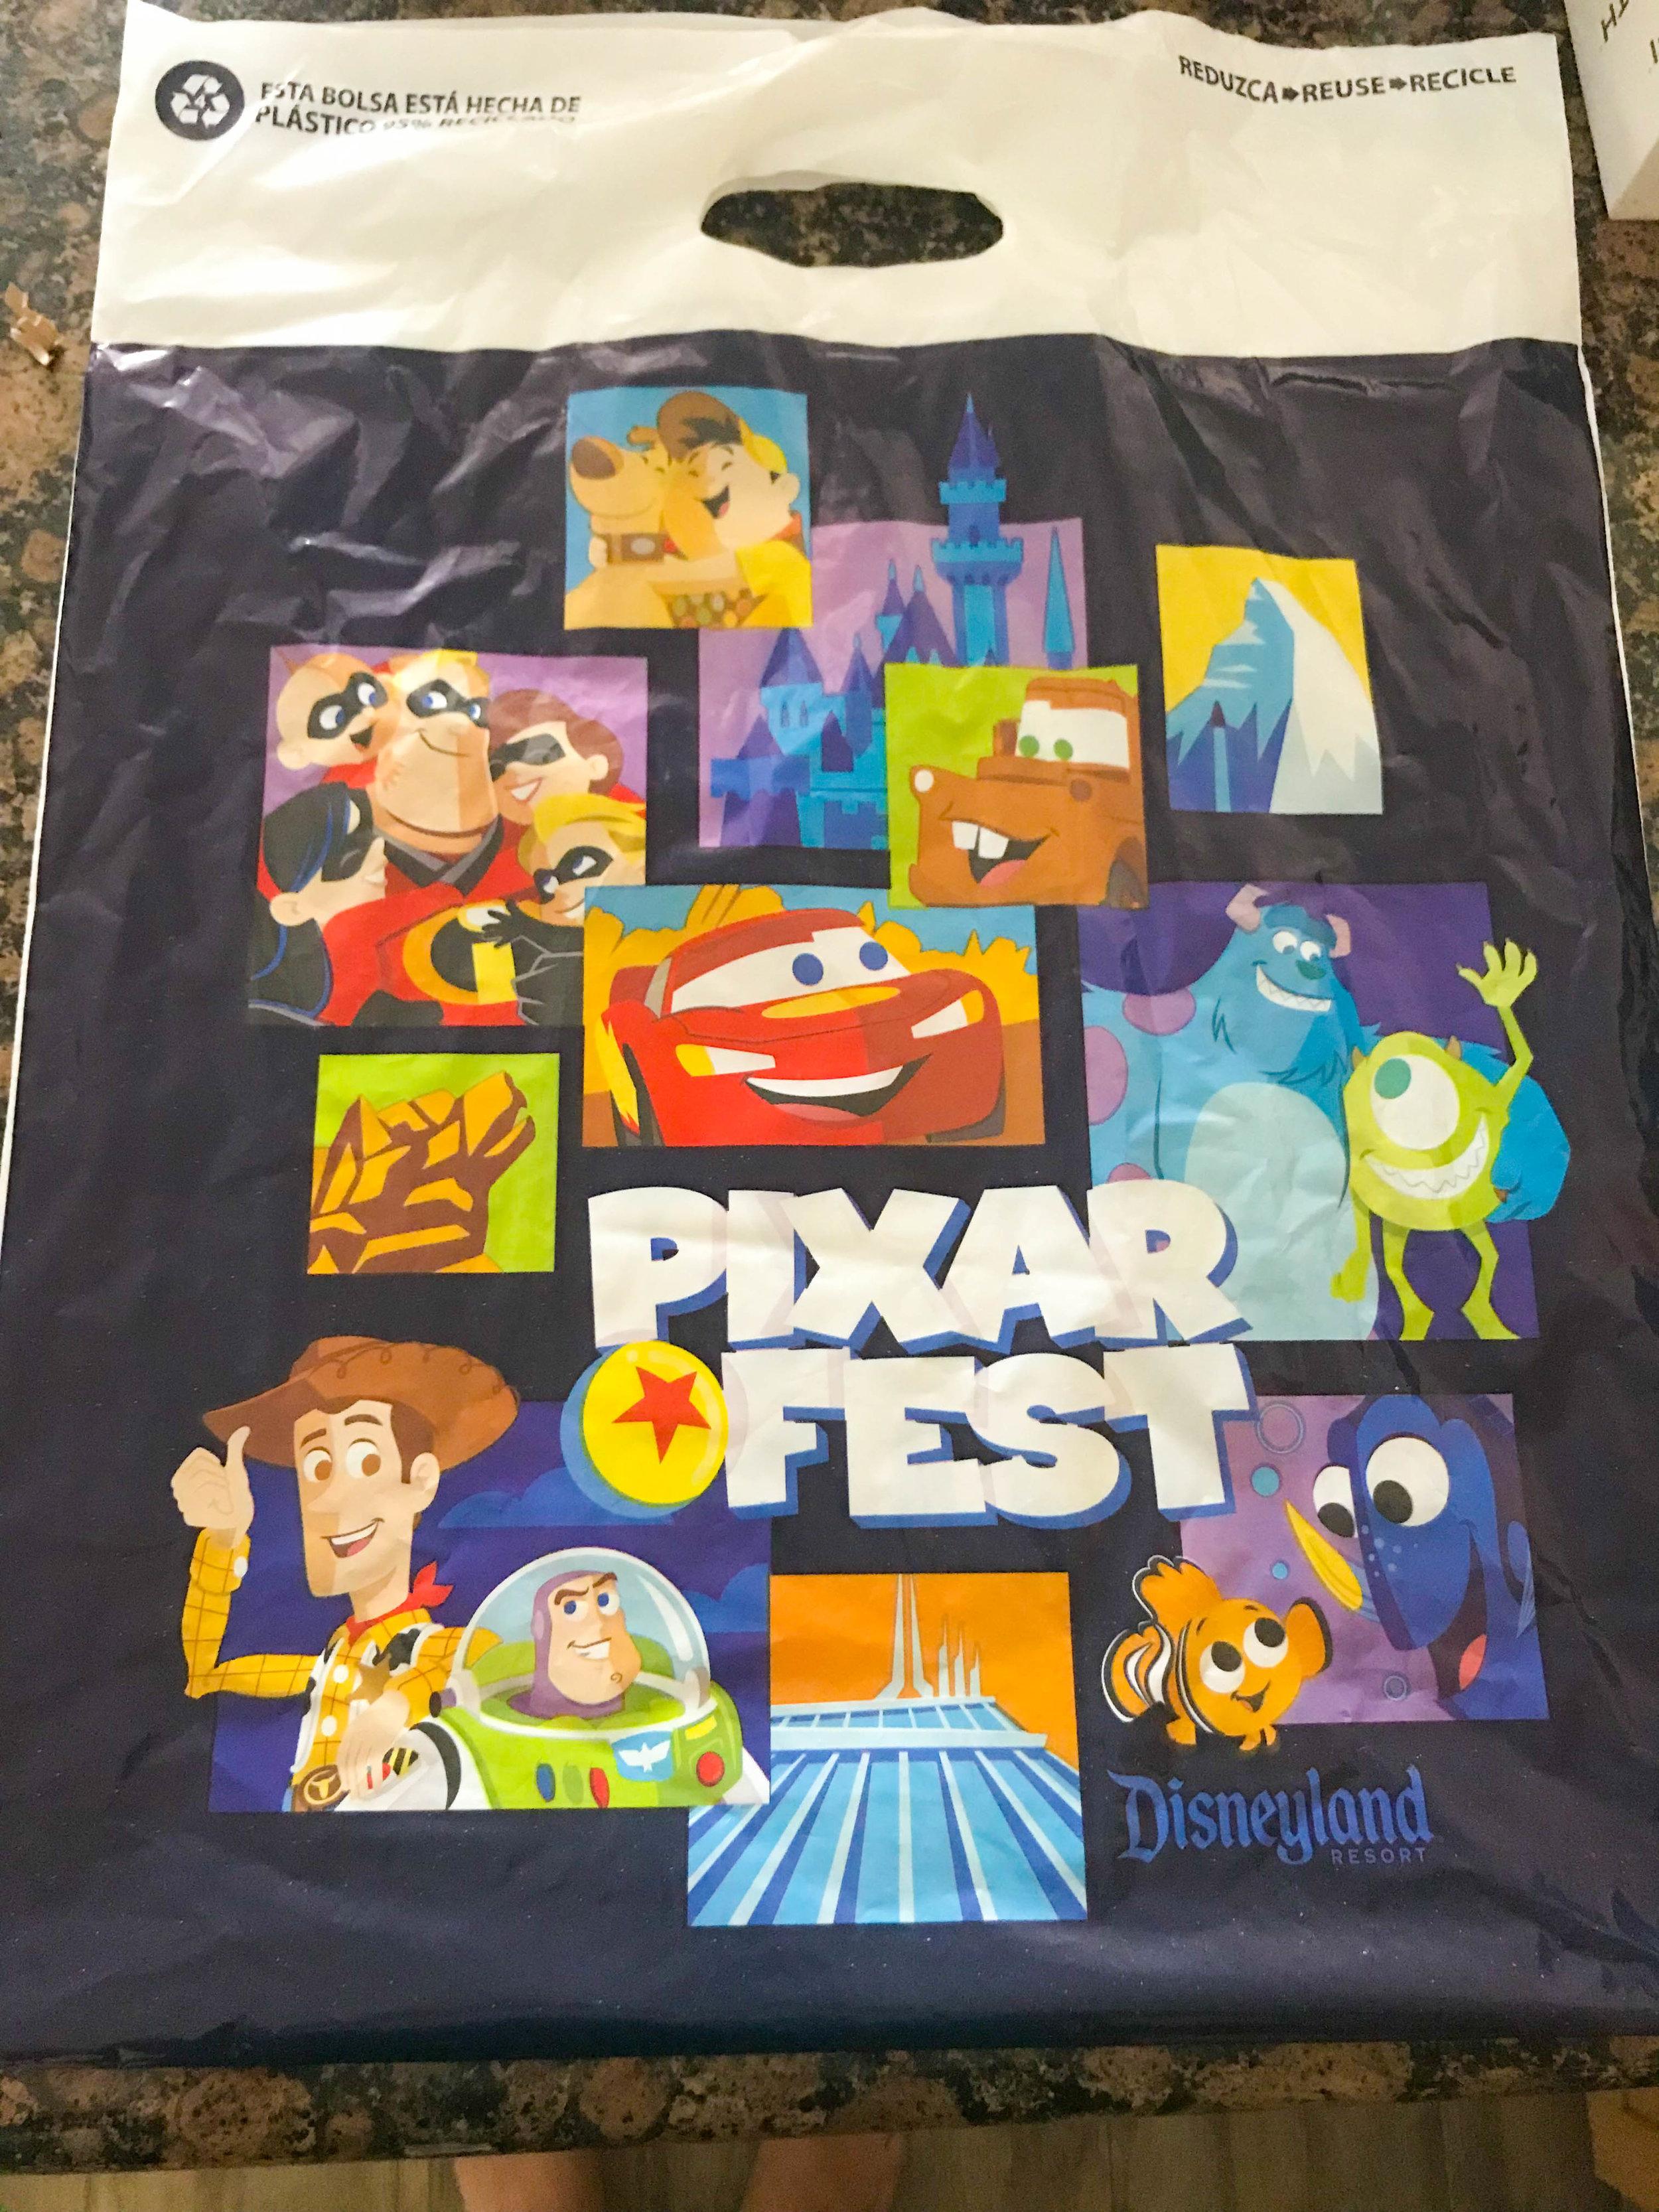 Disneyland_Pixar_Fest-29.jpg